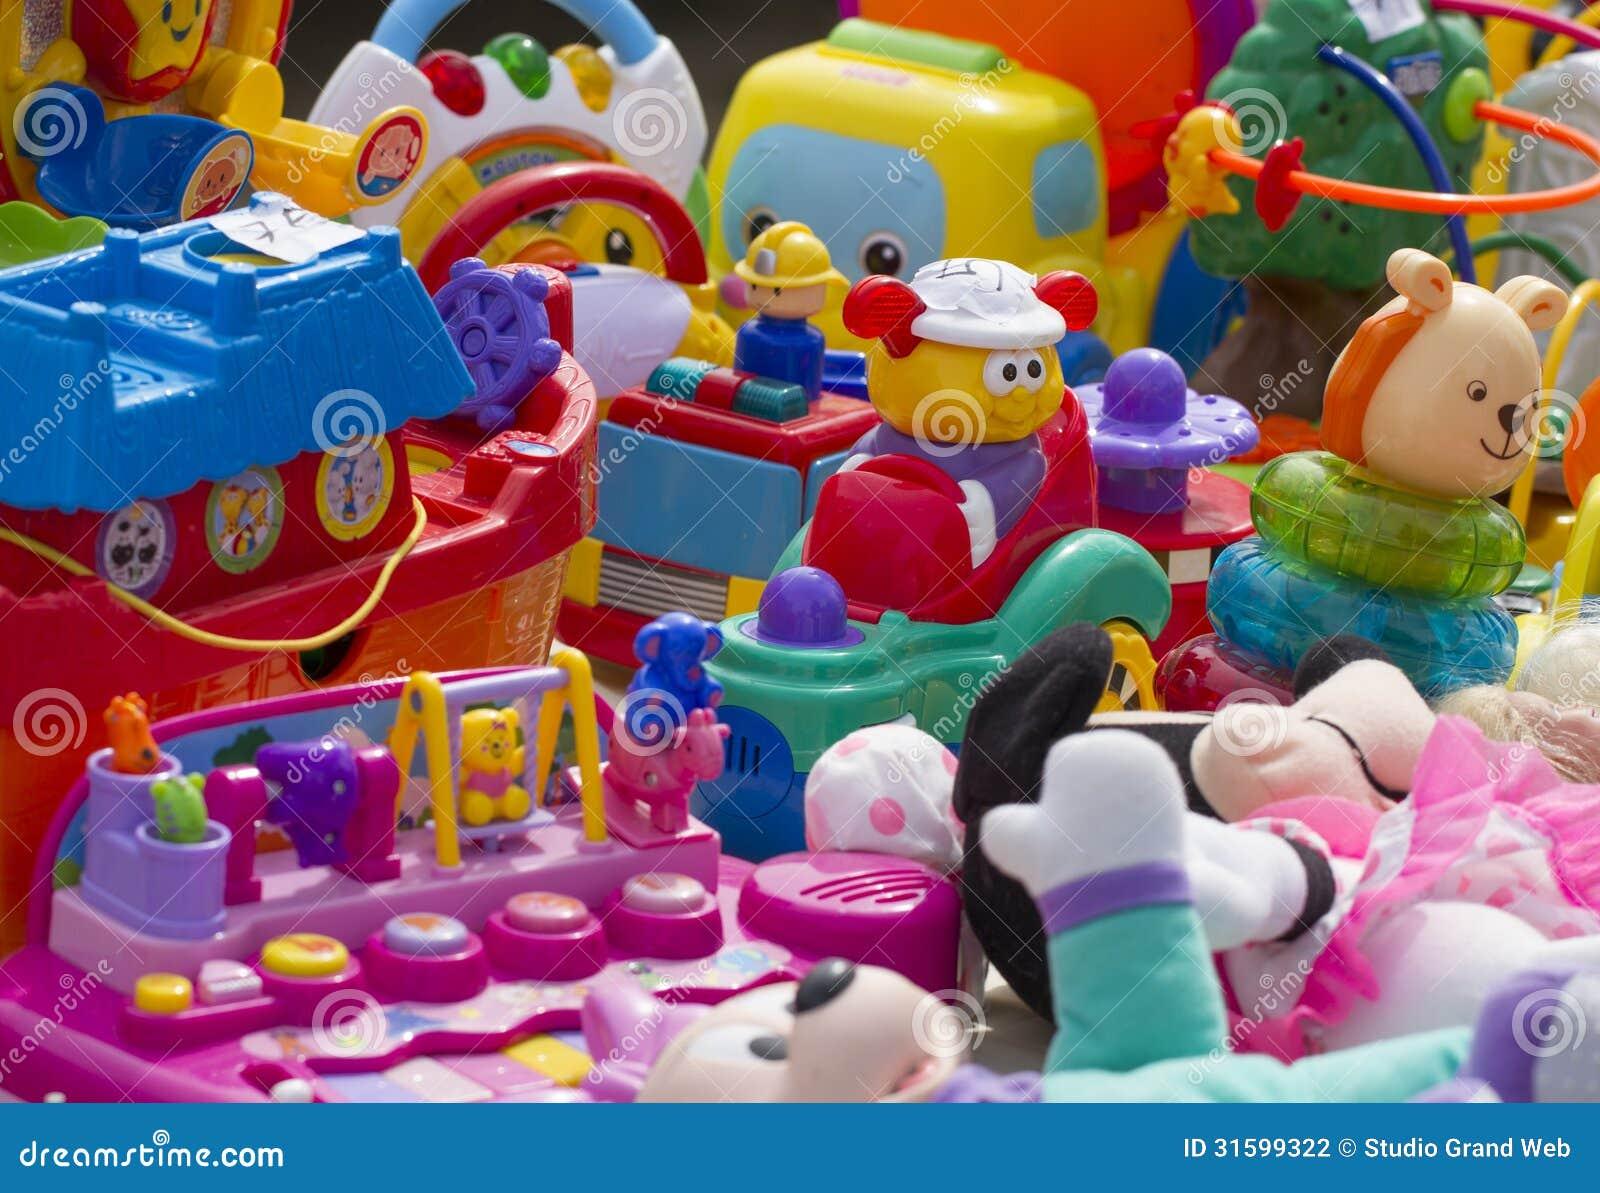 Juguetes pl sticos para los ni os exhibidos en el mercado - Cosas para guardar juguetes ...